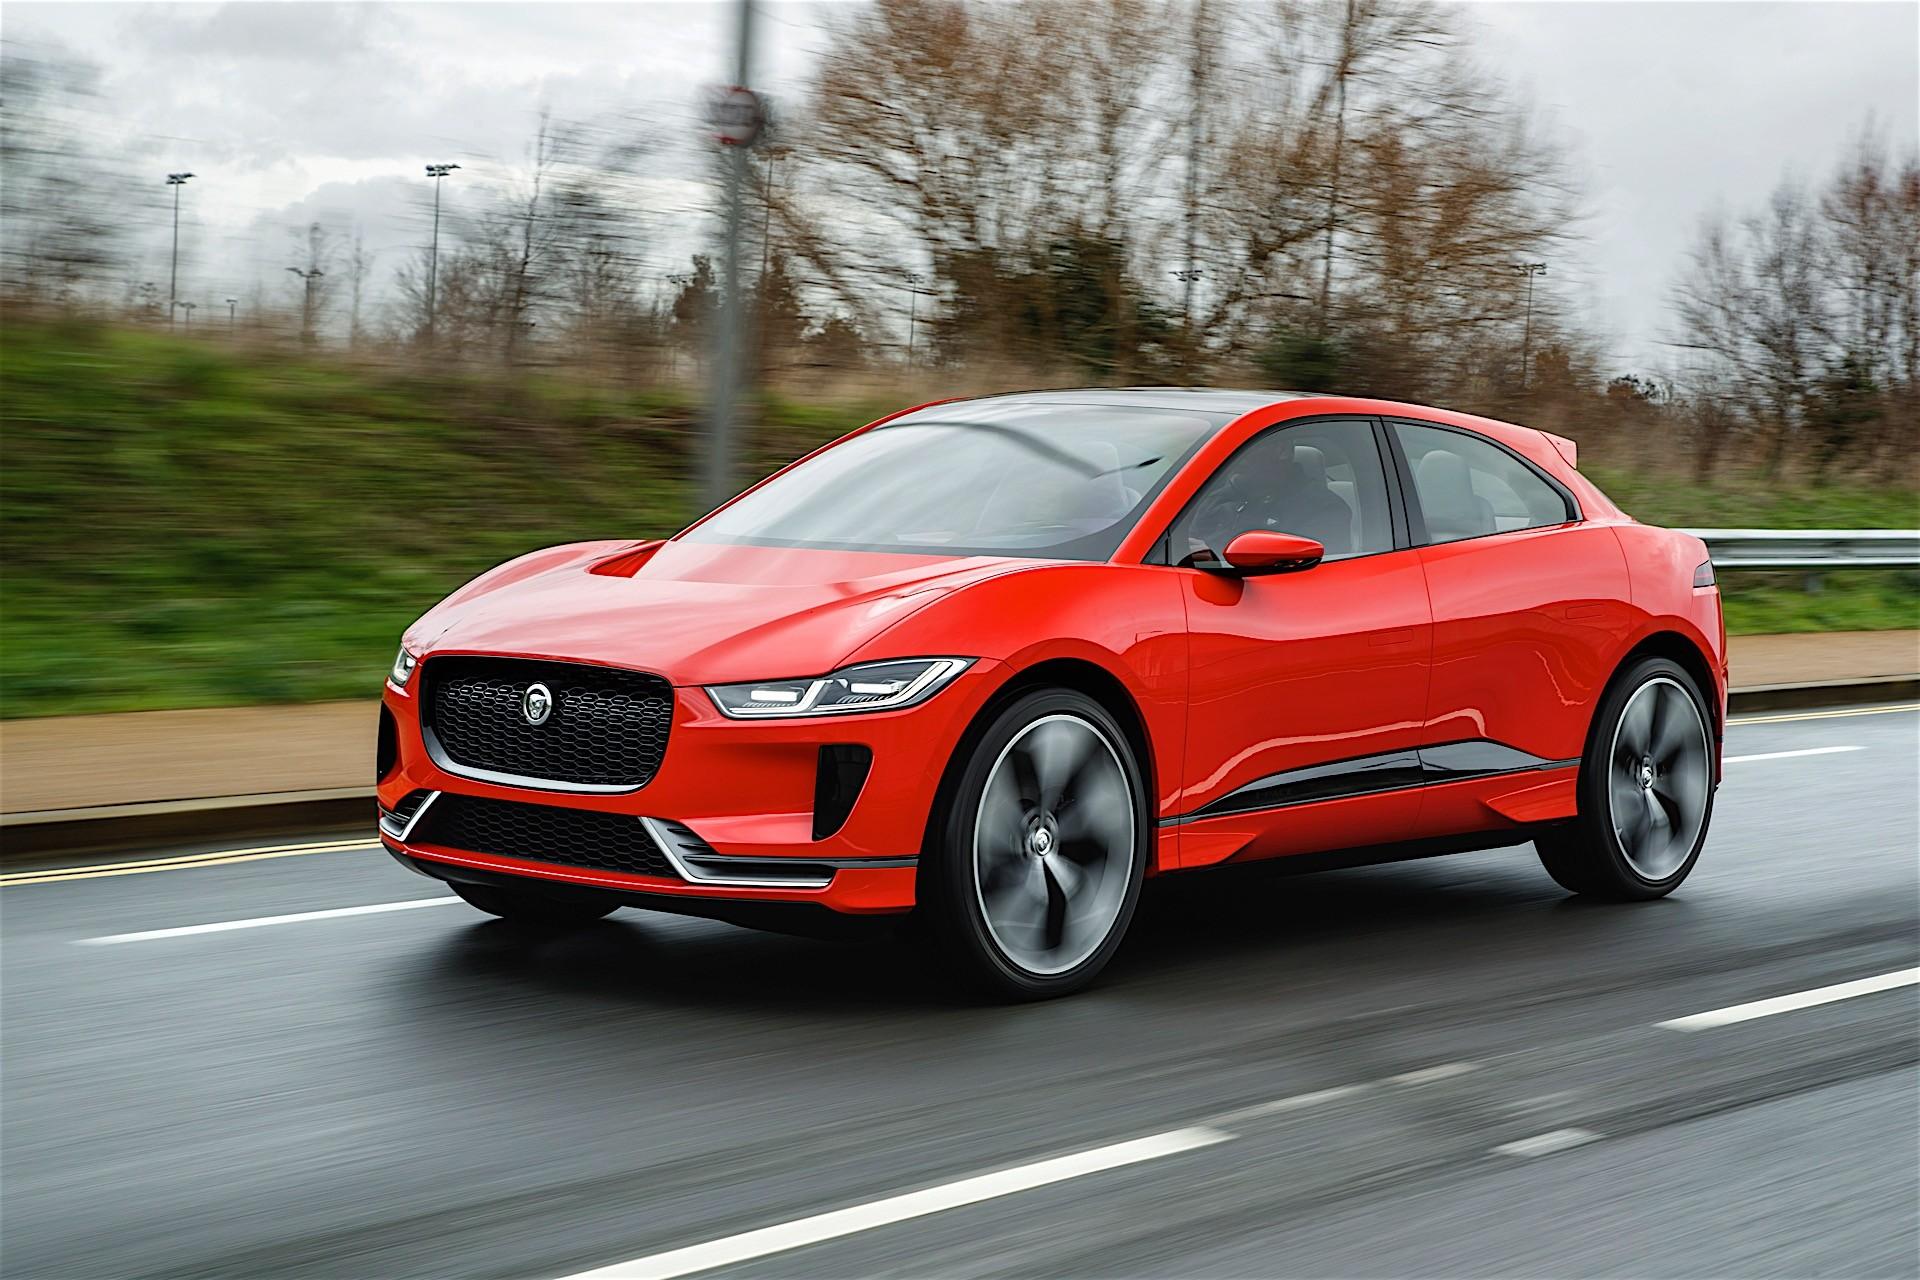 jaguar electric suv to debut at 2017 frankfurt motor show autoevolution. Black Bedroom Furniture Sets. Home Design Ideas